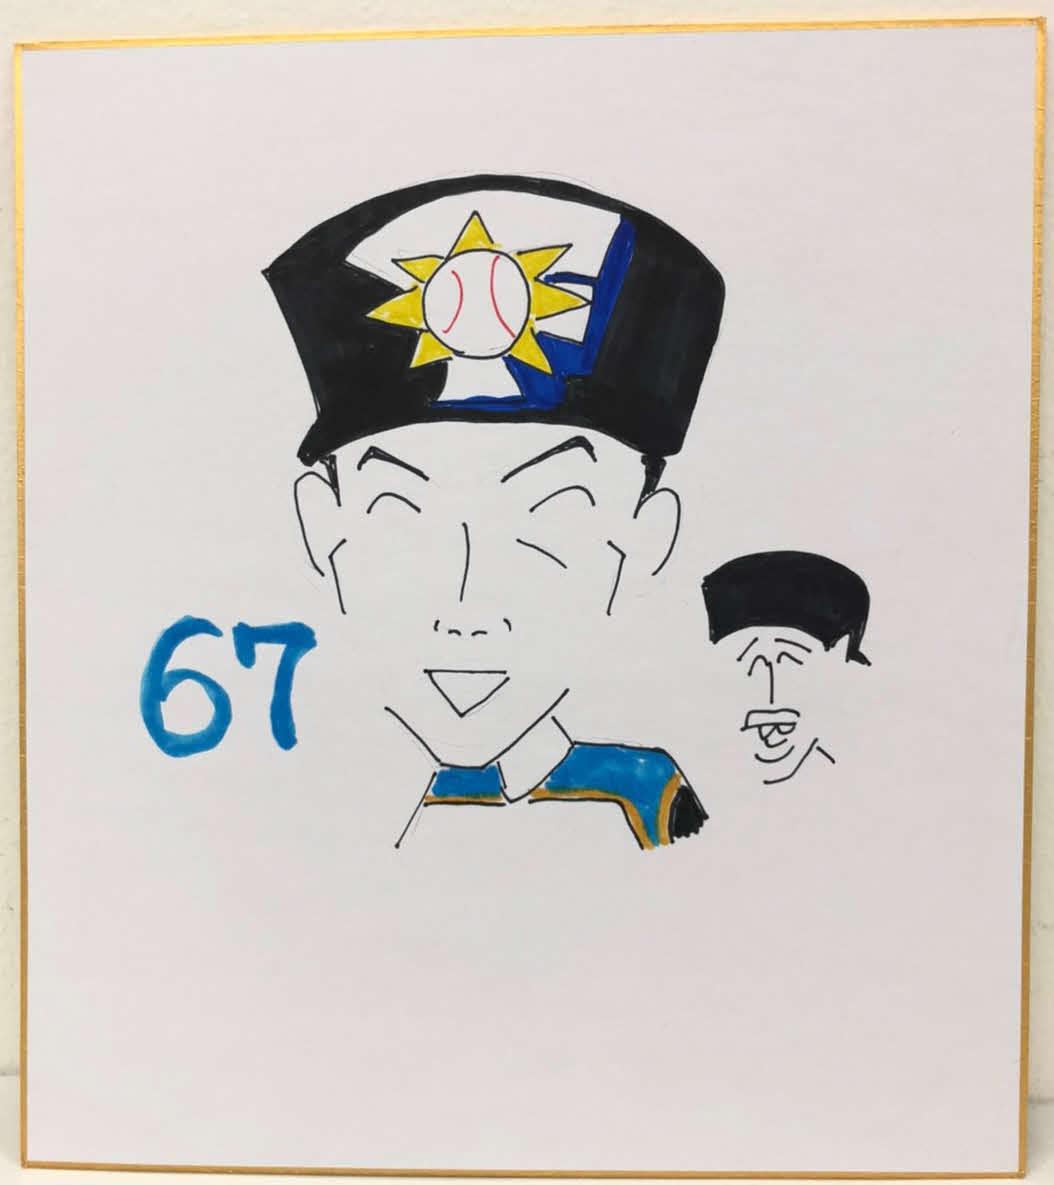 日本ハム木田投手コーチが描いた片岡奨人外野手